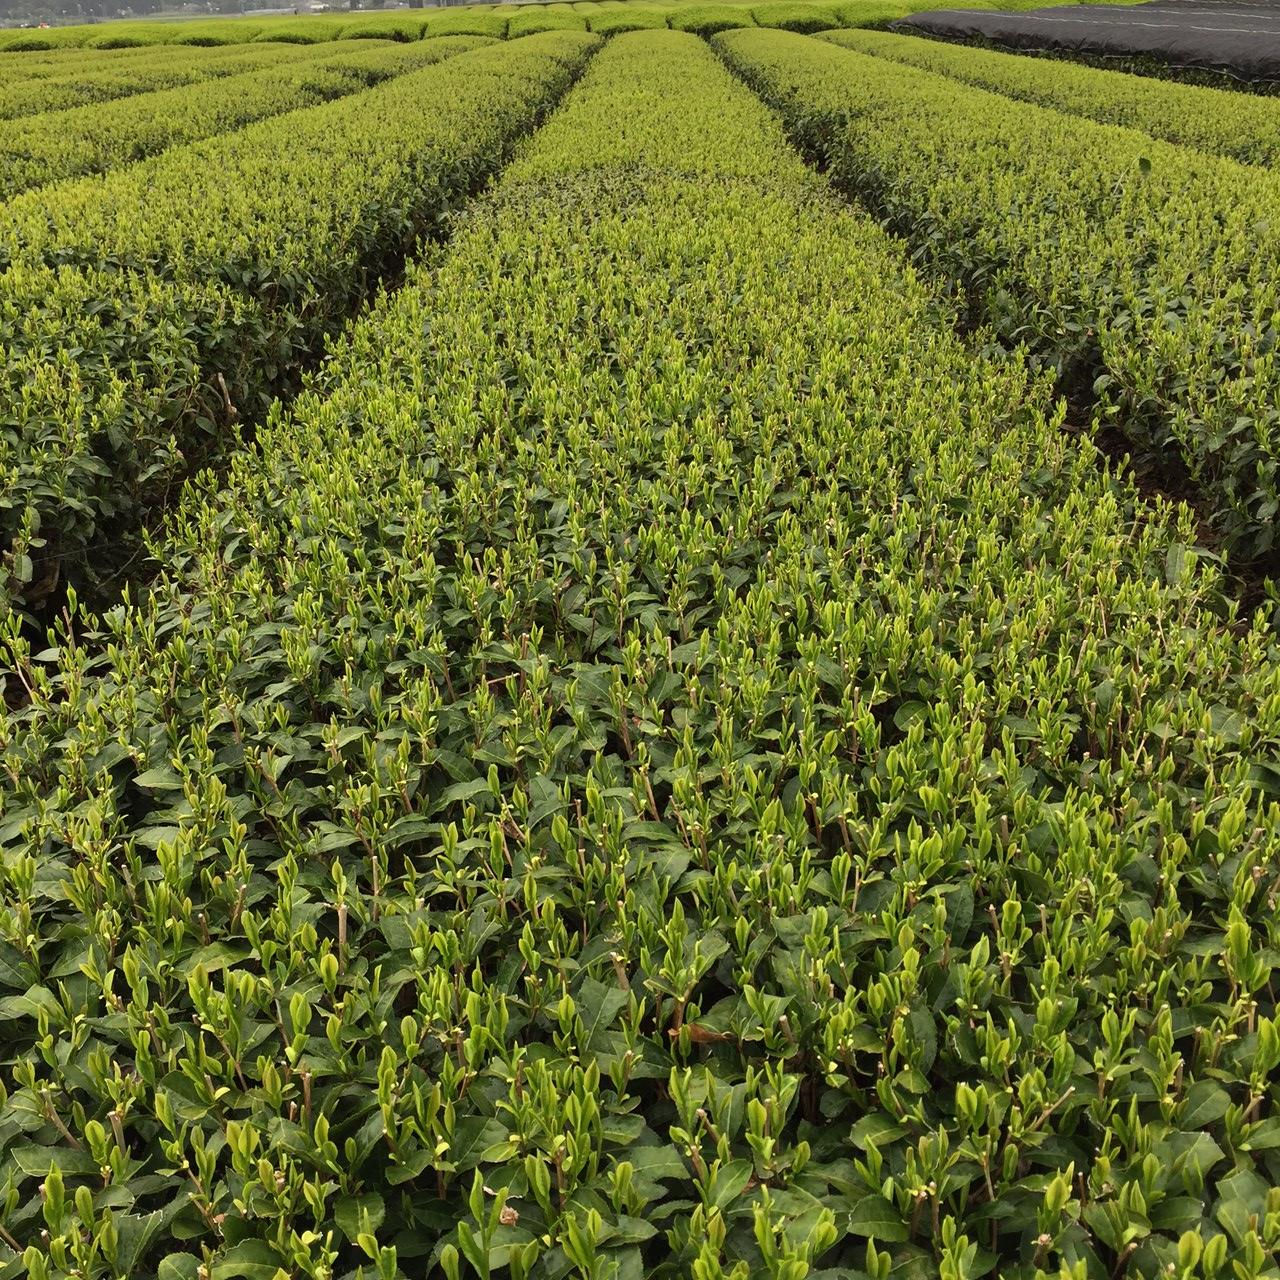 2017年4月17日かごしま緑茶の茶園風景です。品種はヤブキタです。小さな新芽成長中。